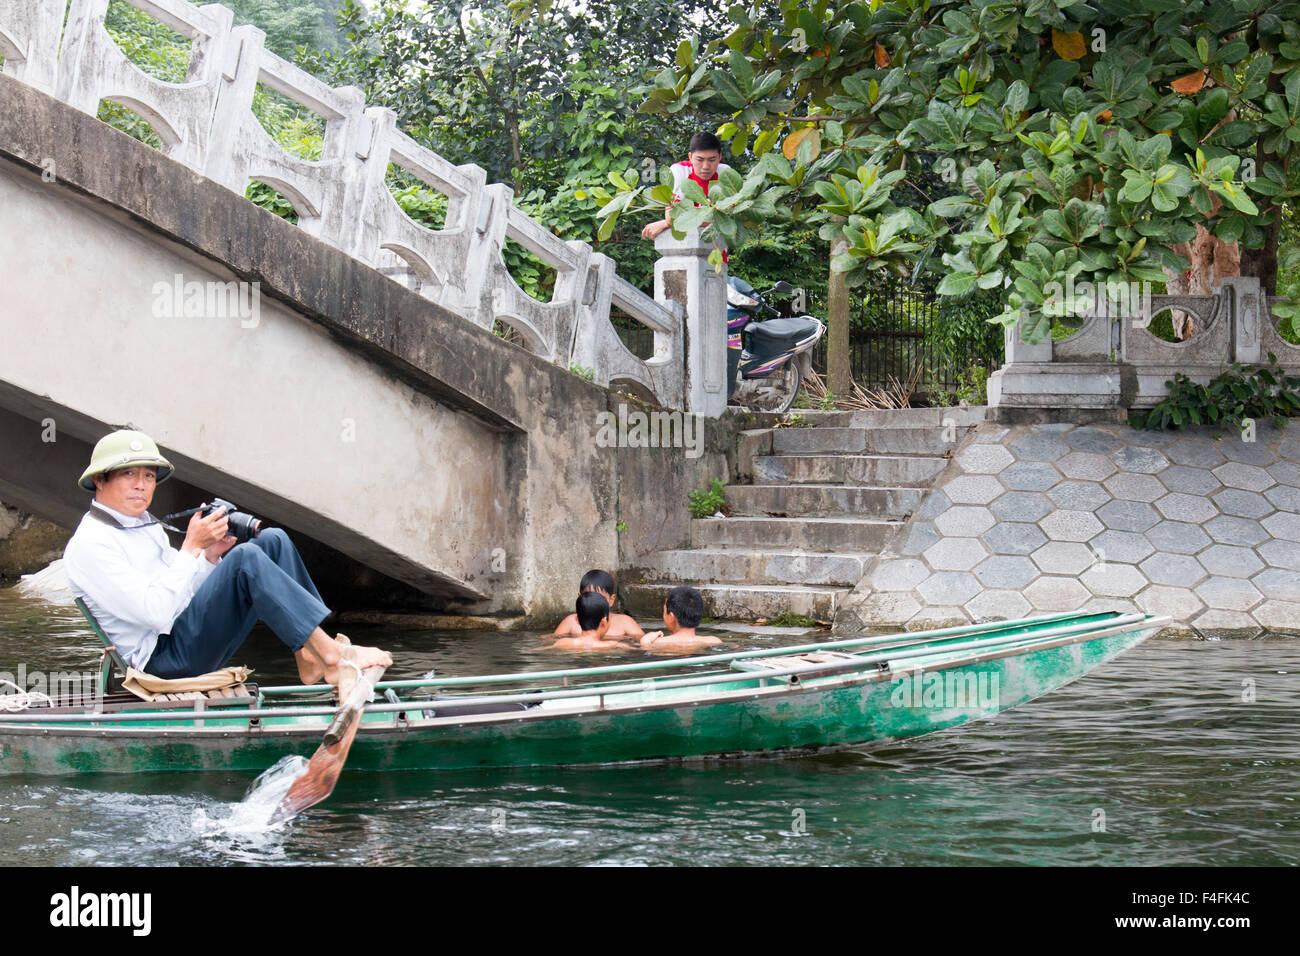 Tre ragazzi nuotare bagnarsi nelle ONG dong fiume mentre l'uomo attende a fotografare i turisti in fila imbarcazioni,Ninh Immagini Stock